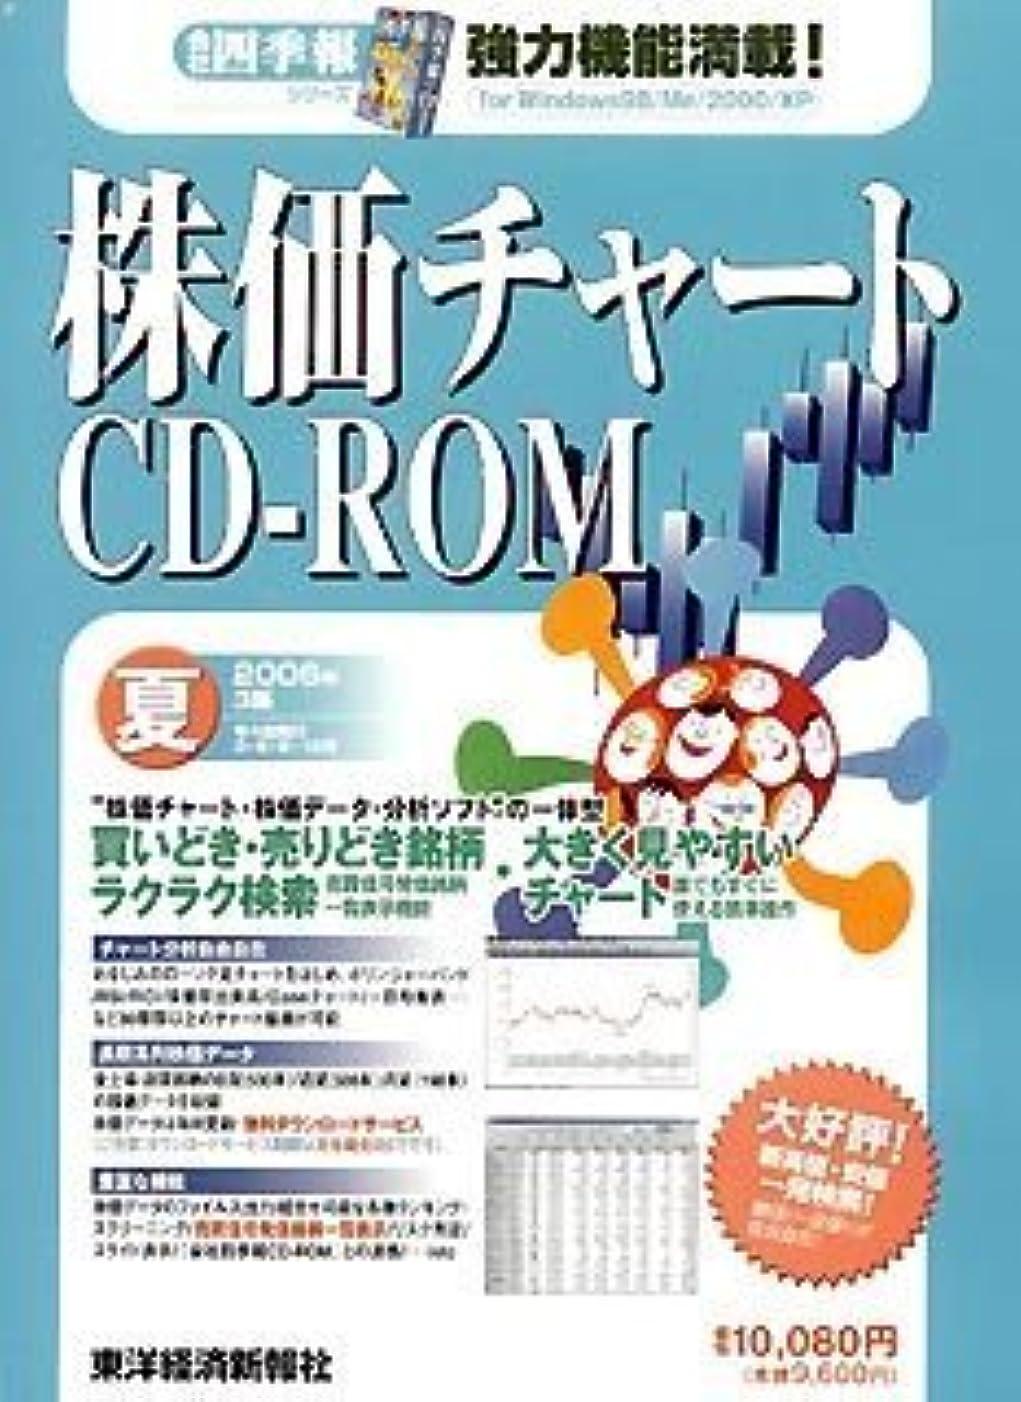 期待騒乱叫び声株価チャートCD-ROM 2006年 3集夏号